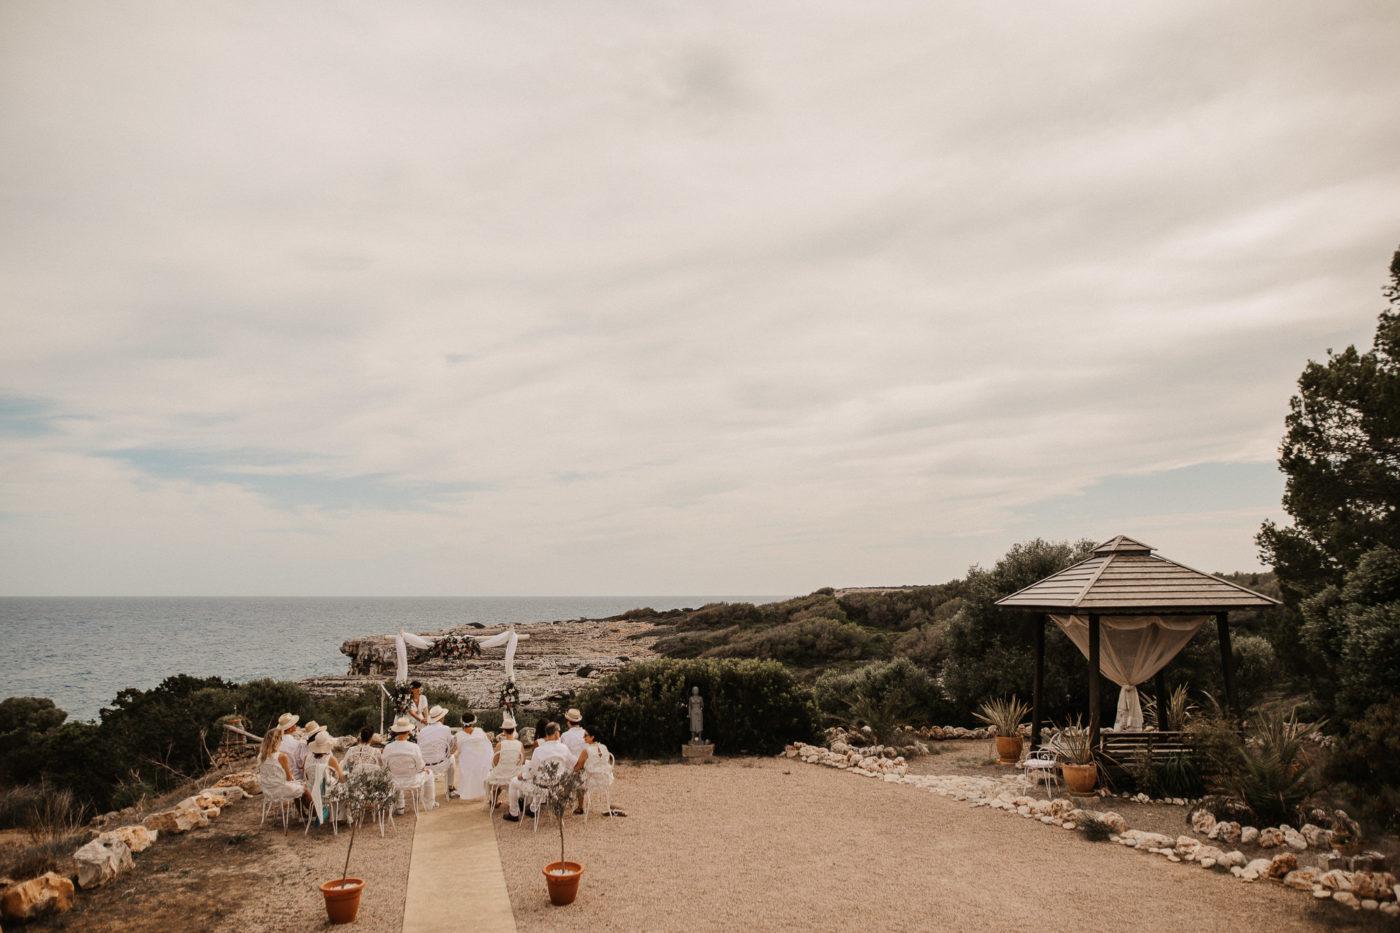 Blick auf das meer und der Trauzeremonie einer Silberhochzeit auf Mallorca